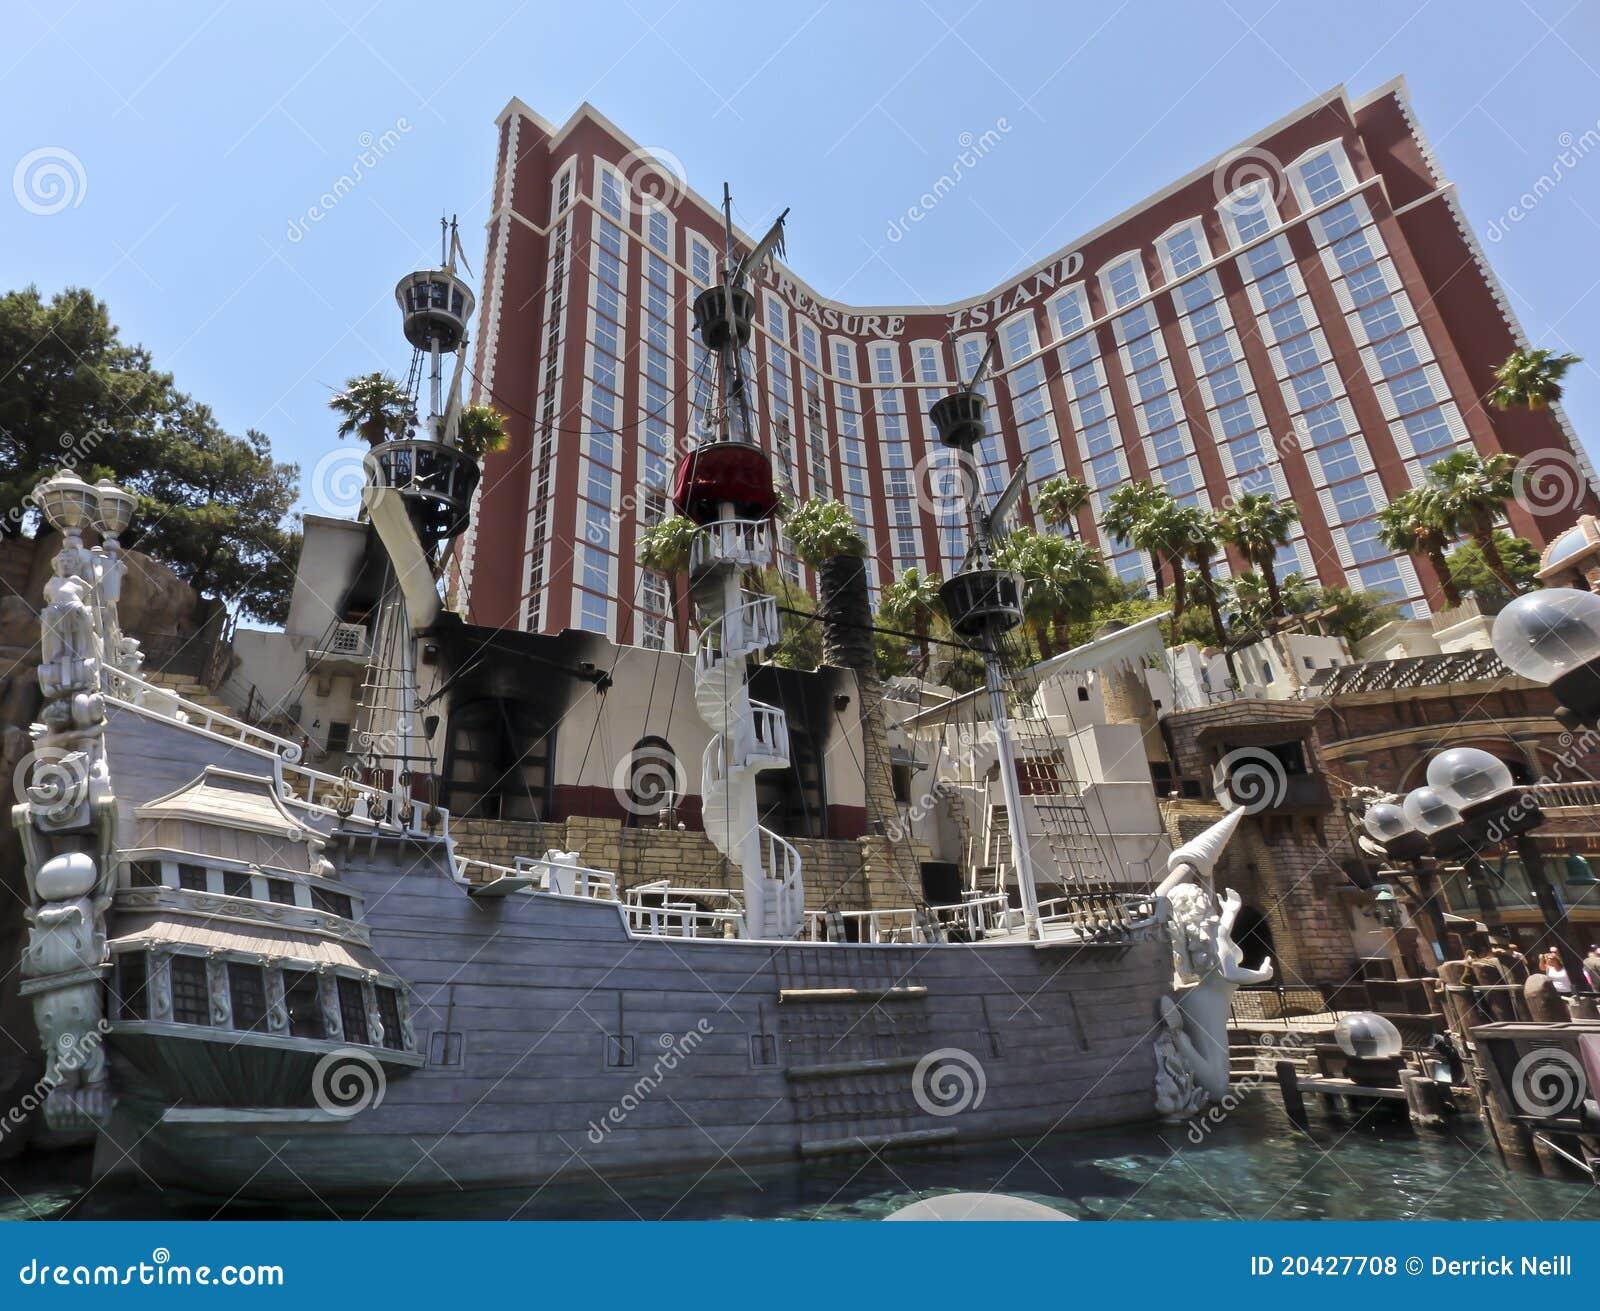 Treasureisland casino com wheeling island casino elvis show